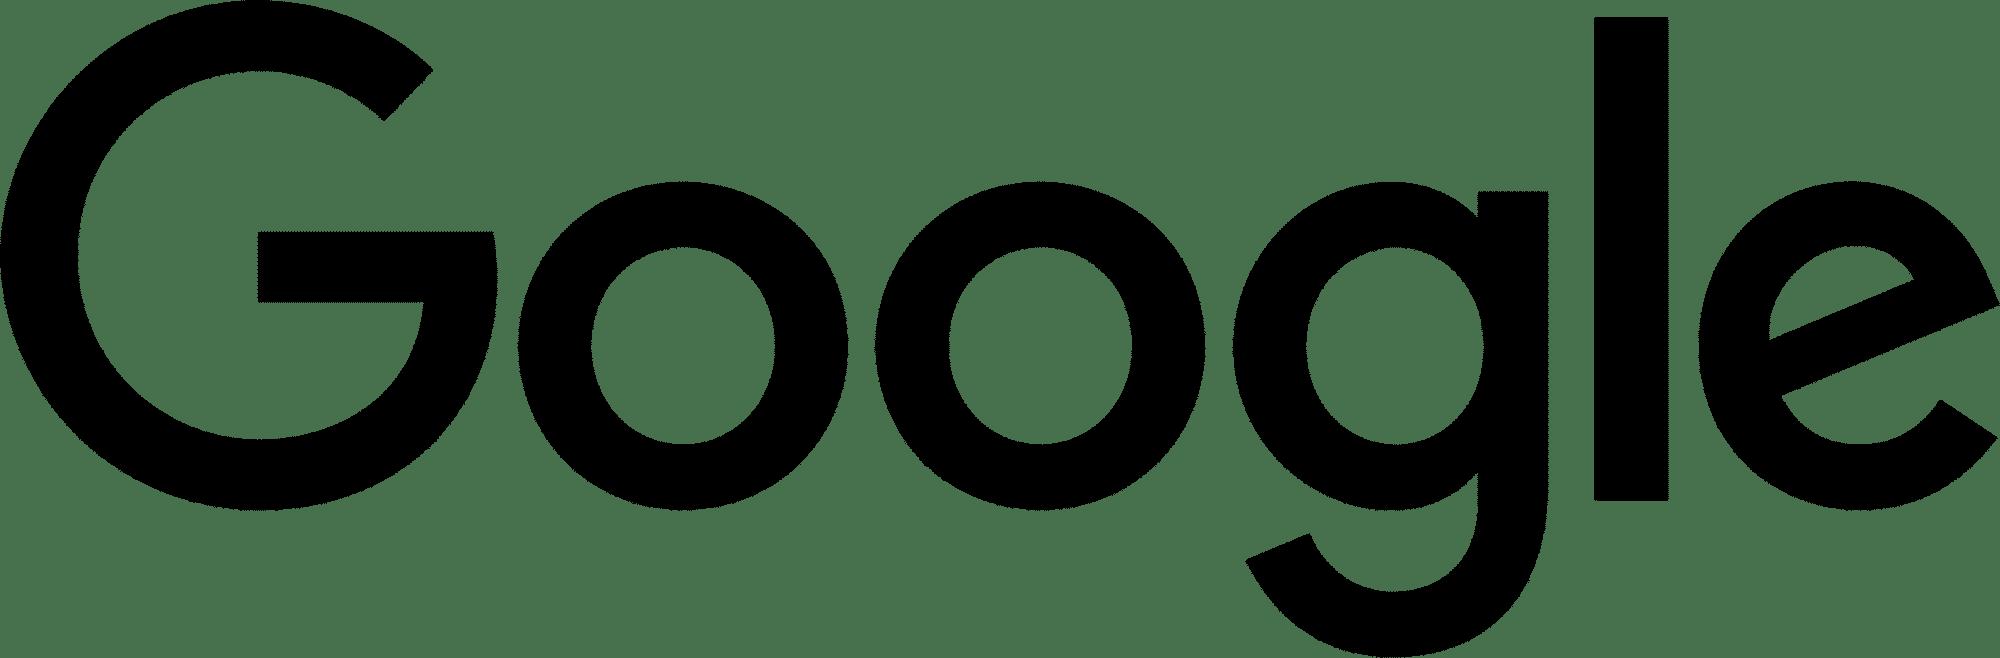 GoogleLogoClient